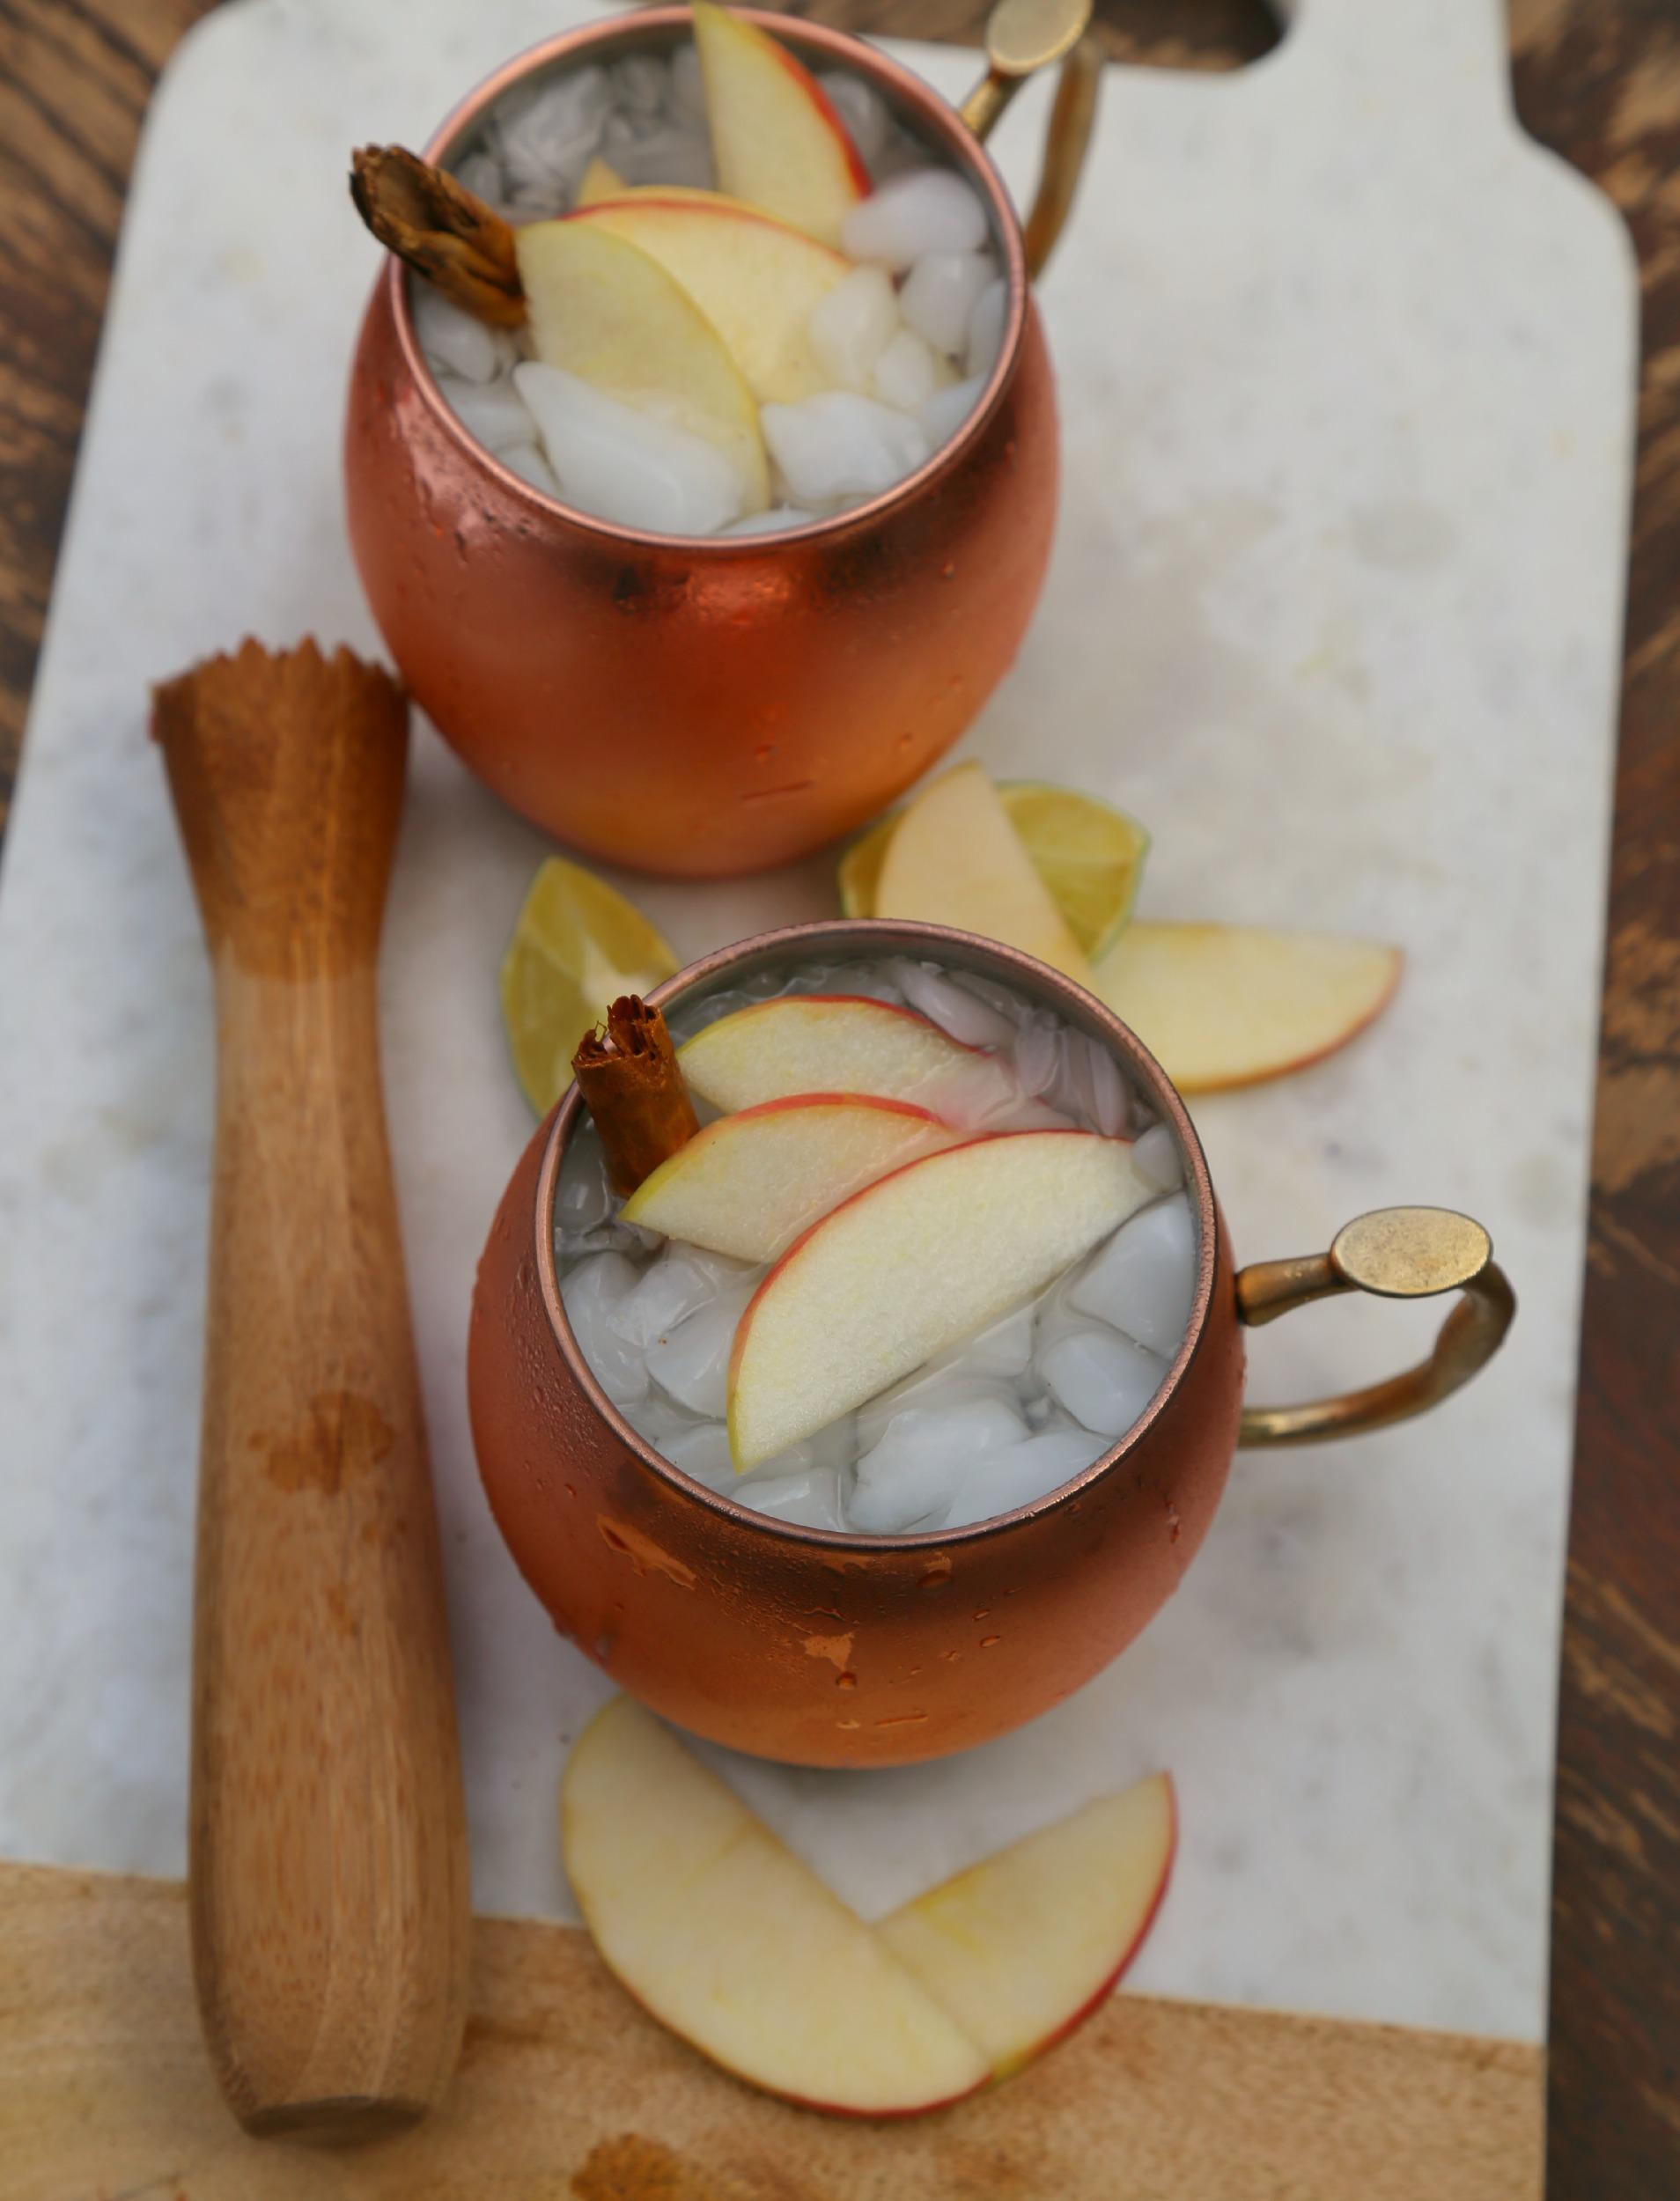 apple-moscow-mule-cocktail-vianneyrodriguez-sweetlifebake